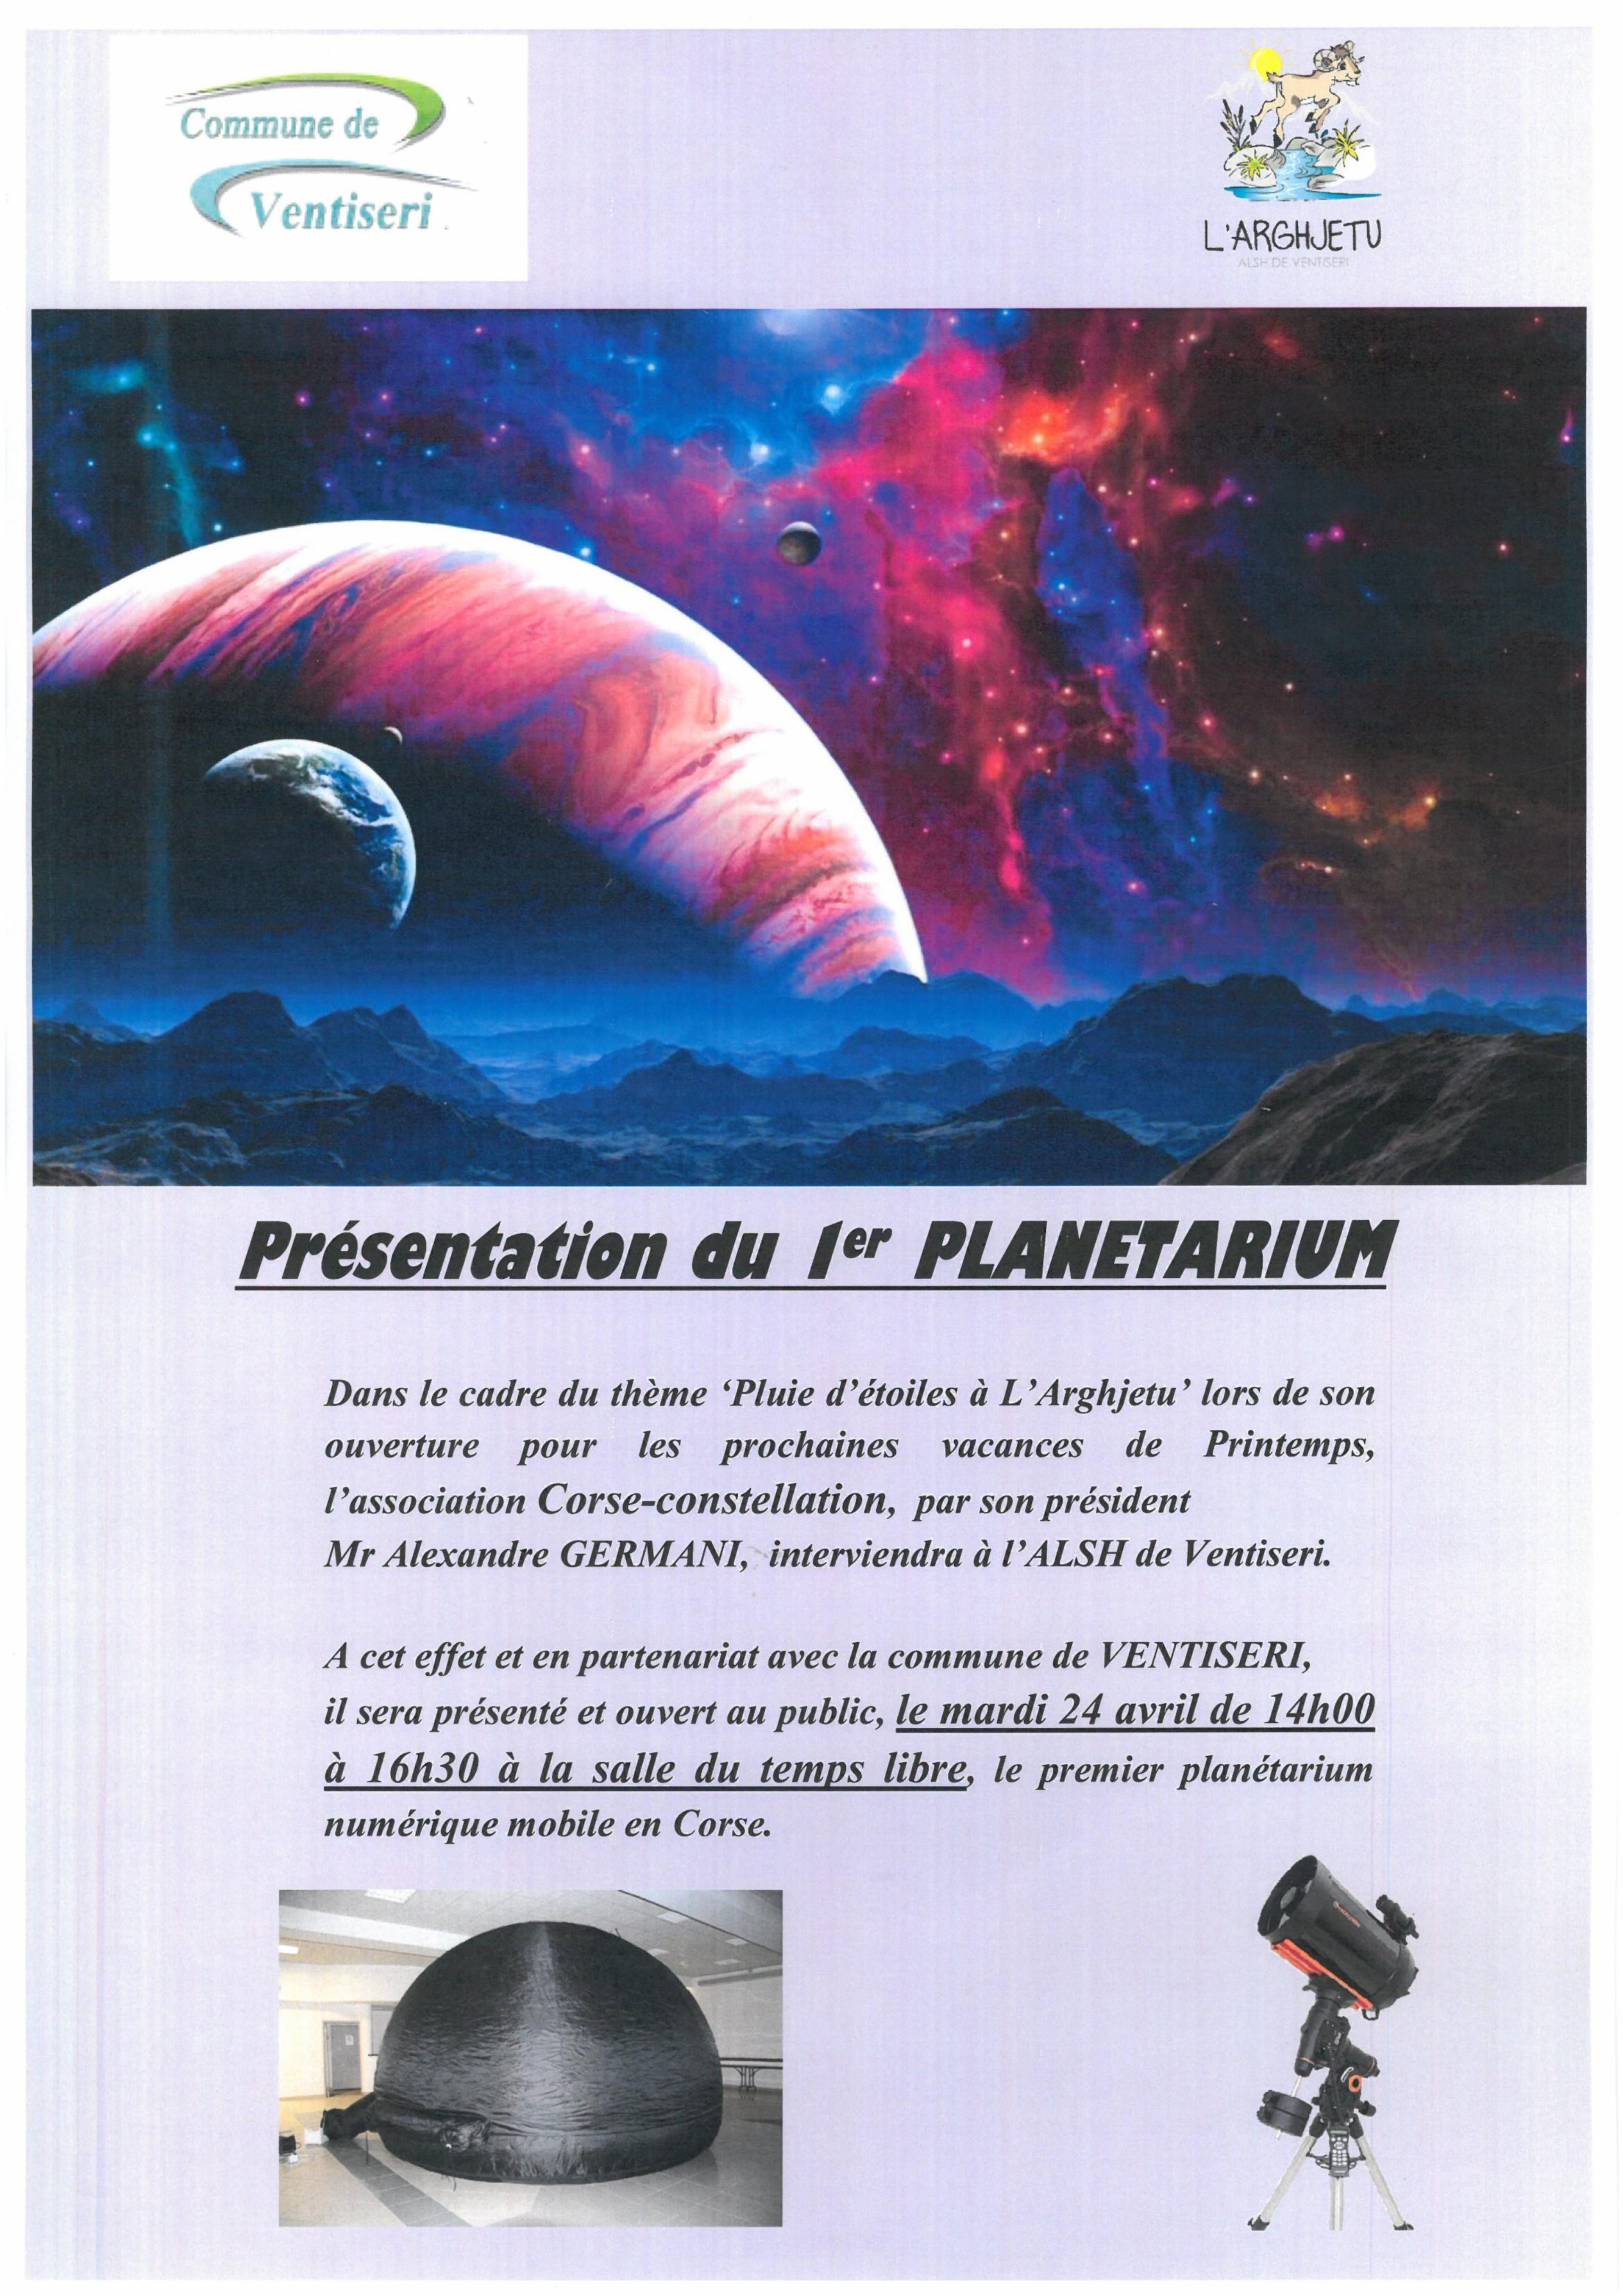 Présentation du premier planétarium mobile numérique en Corse